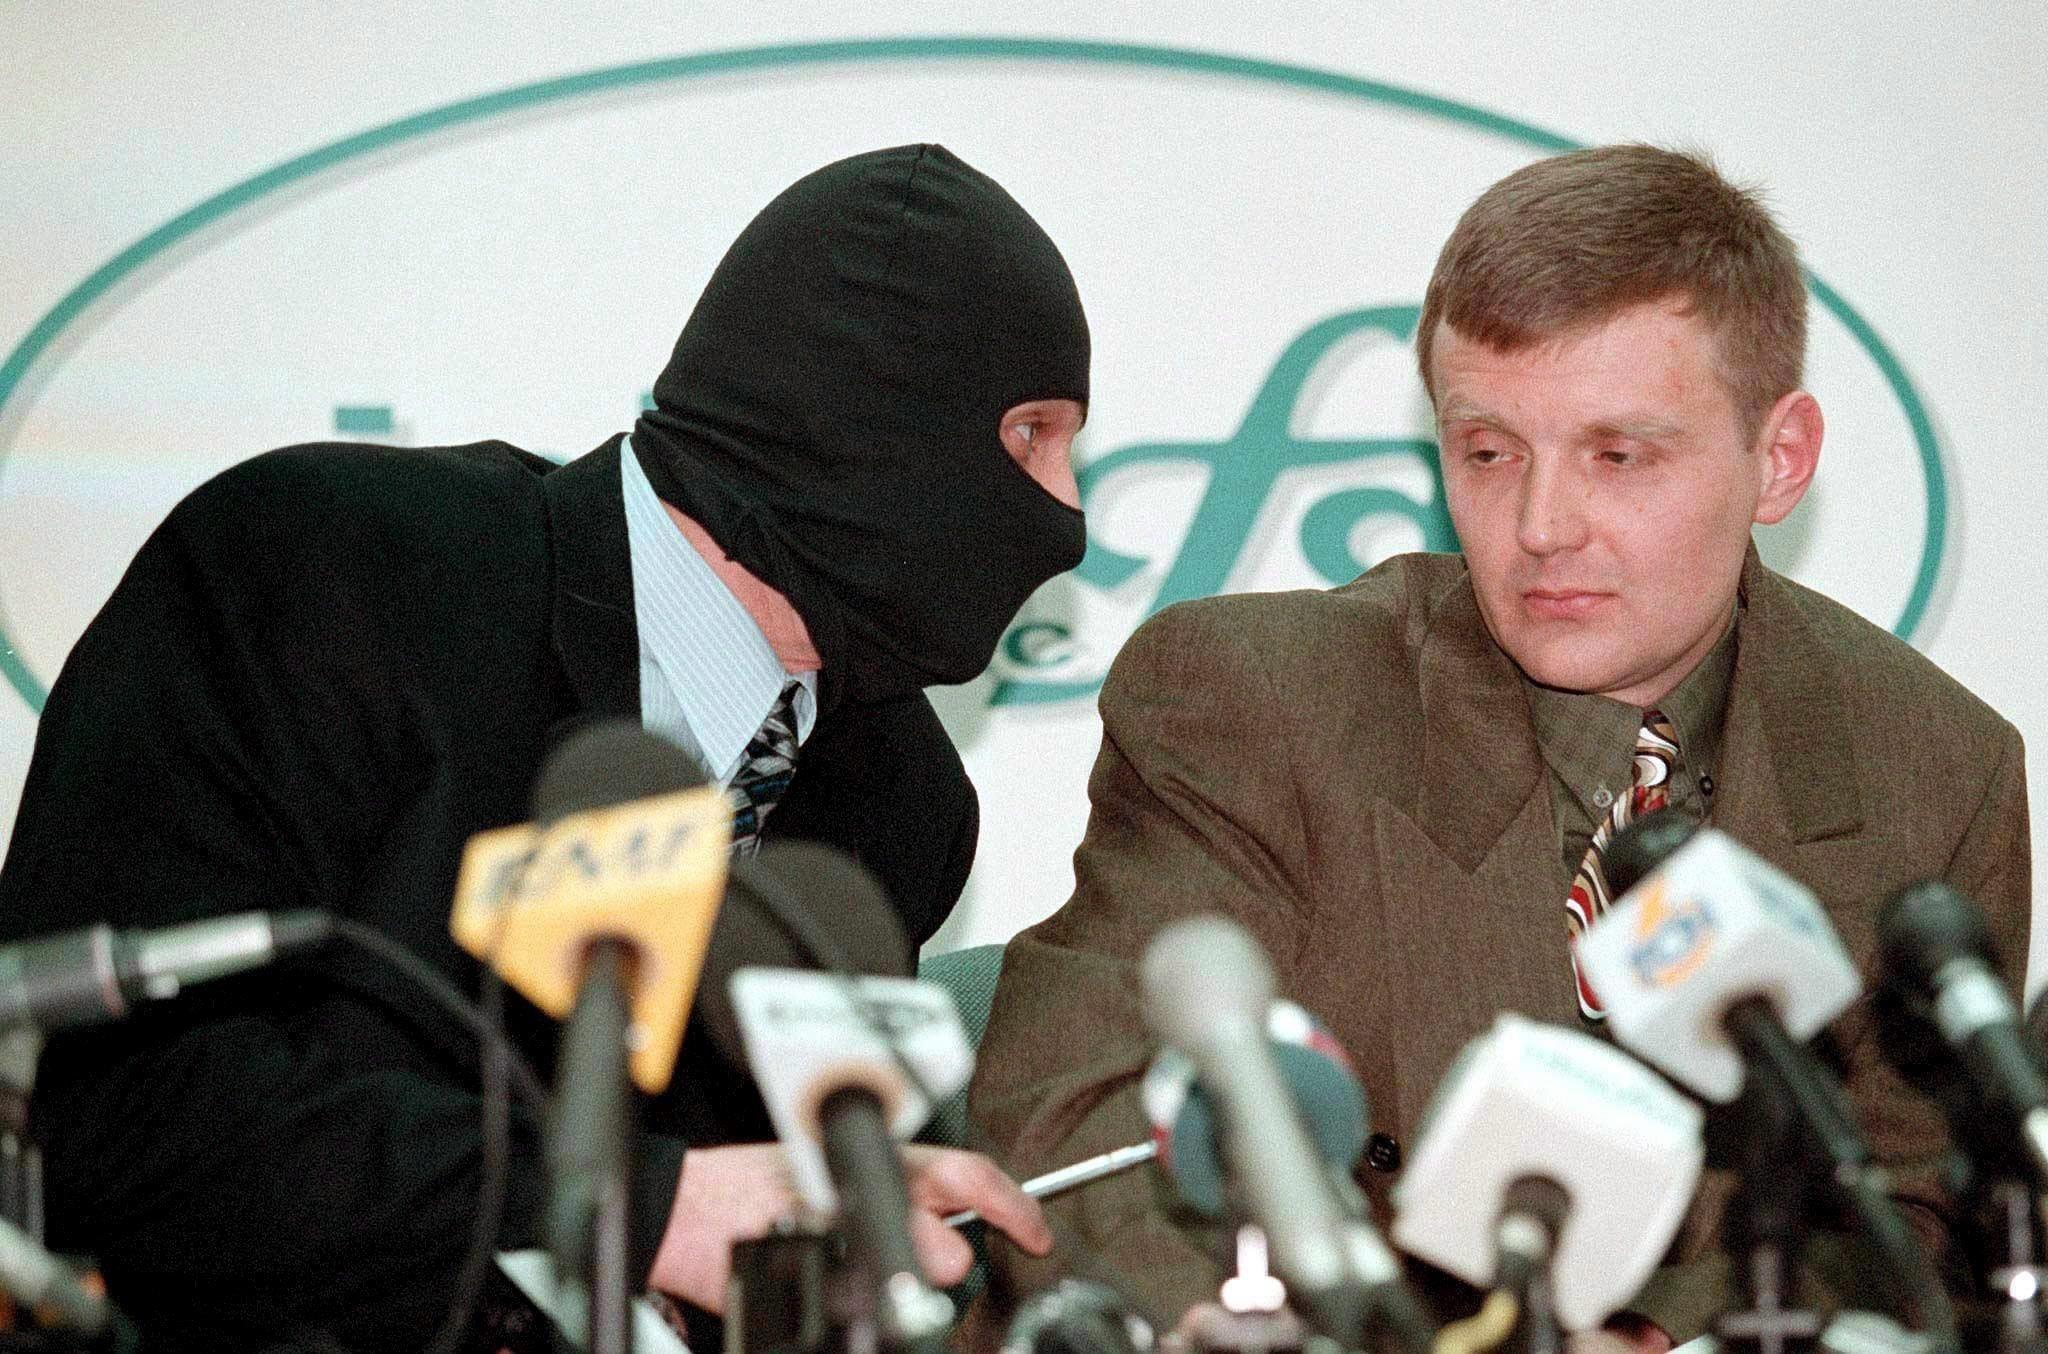 MOS13 MOSCÚ (RUSIA) 21/01/2016.- El coronel del Servicio de Seguridad Federal rusa Alexander Litvinenko (dcha) y un colega enmascarado (izq) dan una rueda de prensa en la agencia de noticias Interfax en una foto de archivo tomada el 17 de noviembre de 1998. El juez británico Robert Owen, que ha presidido la investigación pública en el Reino Unido sobre la muerte de Alexander Litvinenko, presenta hoy, 21 de enero de 2016 sus conclusiones, casi una década después del envenenamiento en Londres del exespía ruso. EFE/Sergei Kaptilkin